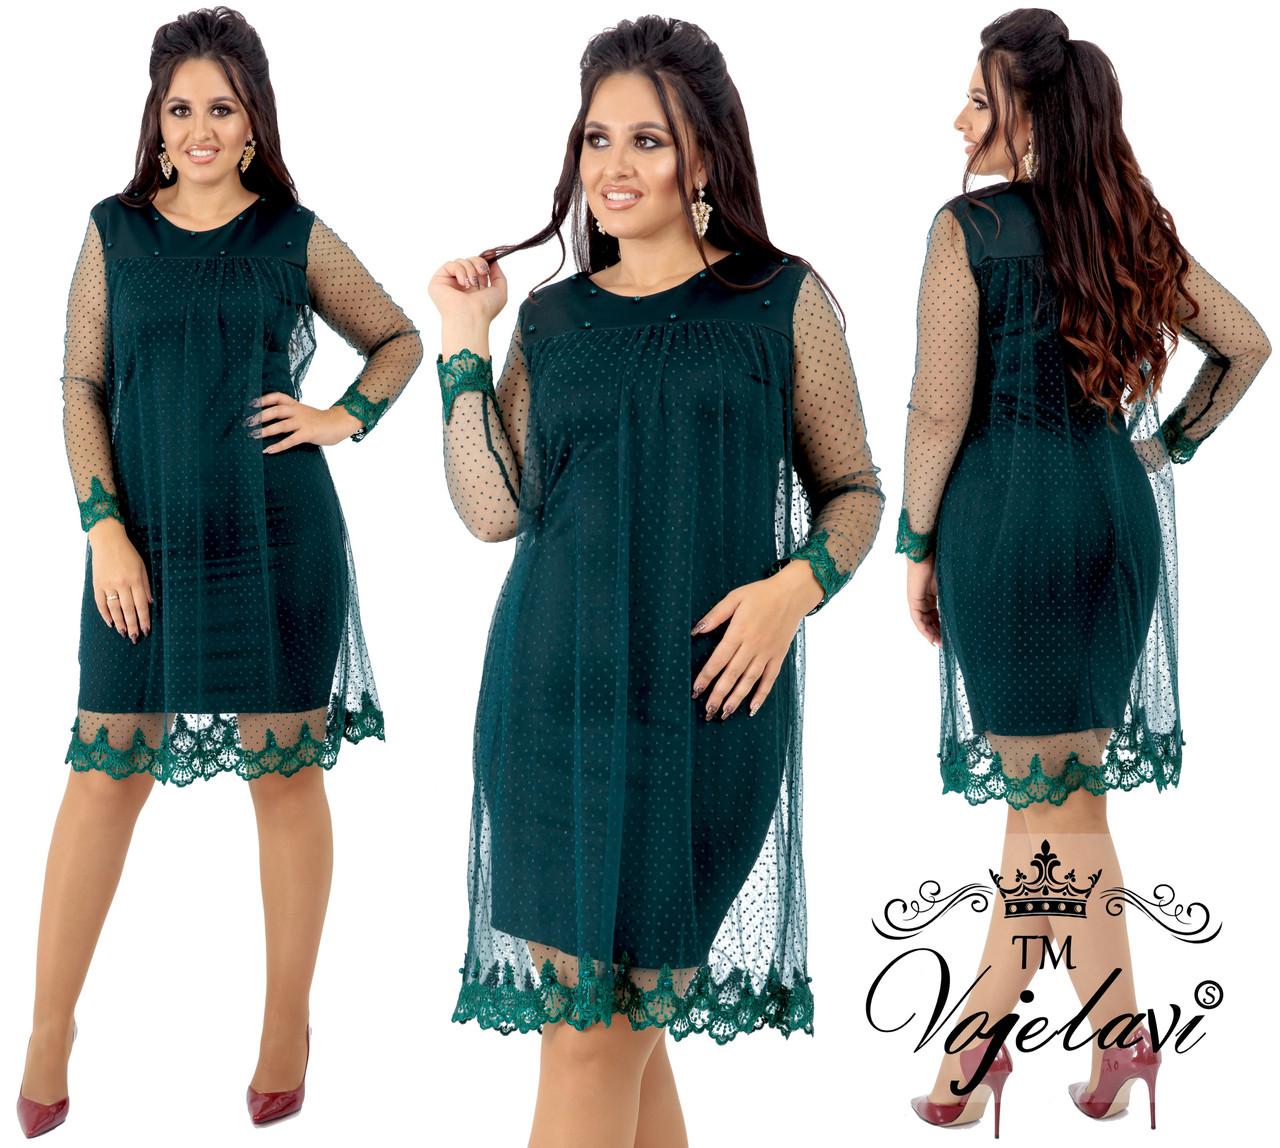 674b06cc0a7 Стильное женское платье с кружевной сеткой т.м. Vojelavi 1623G оптом ...